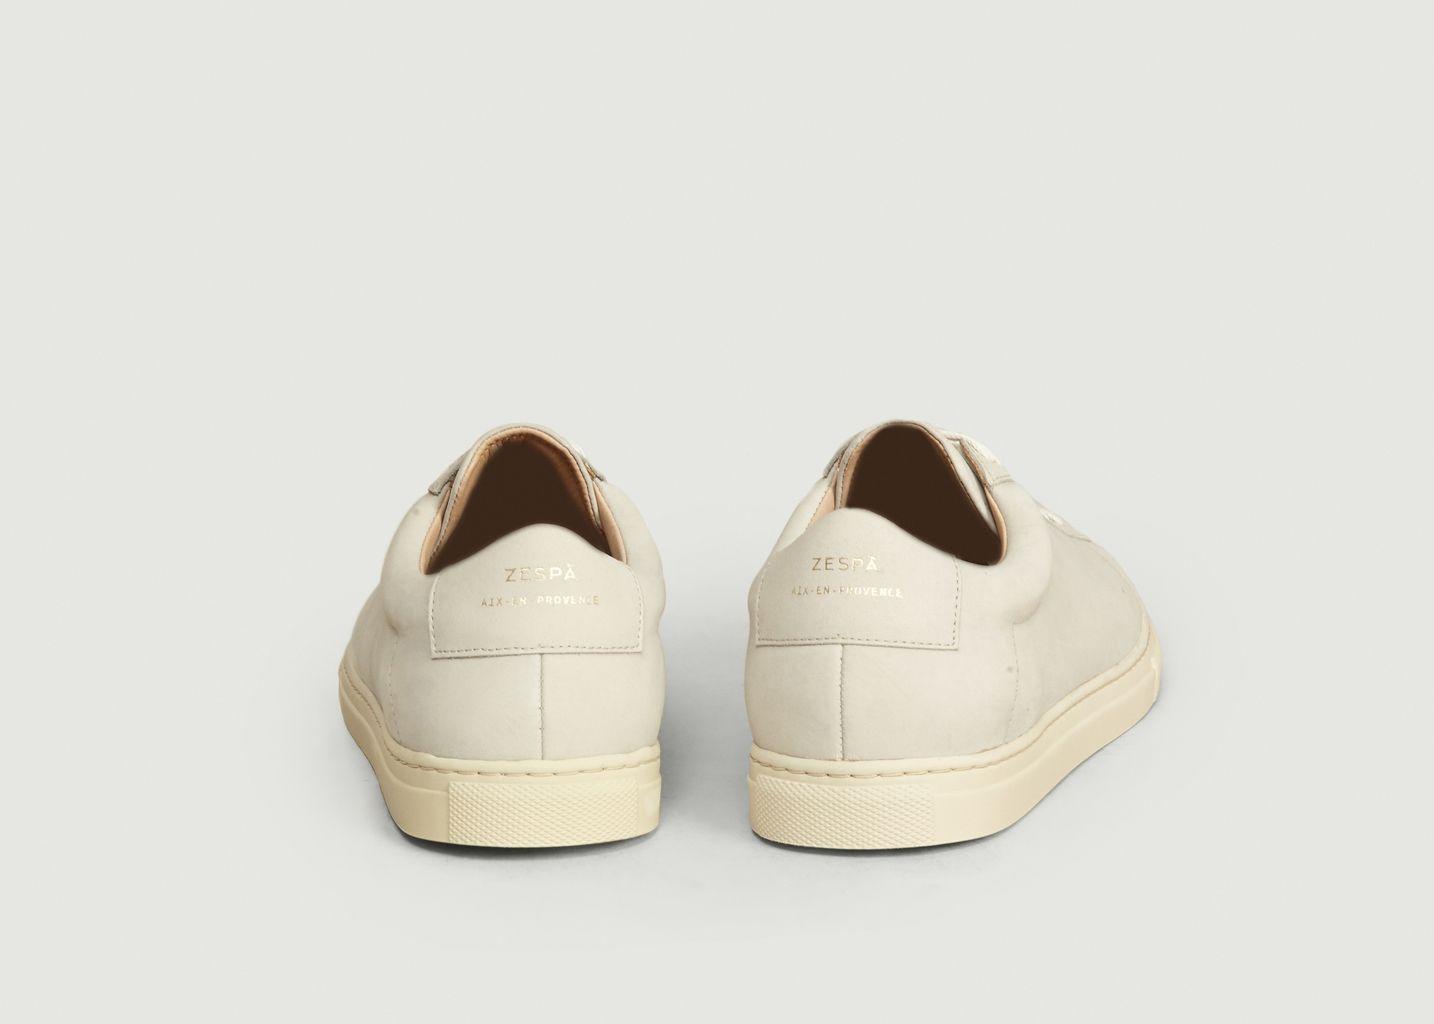 Sneakers ZSP4 Nubuck - Zespa